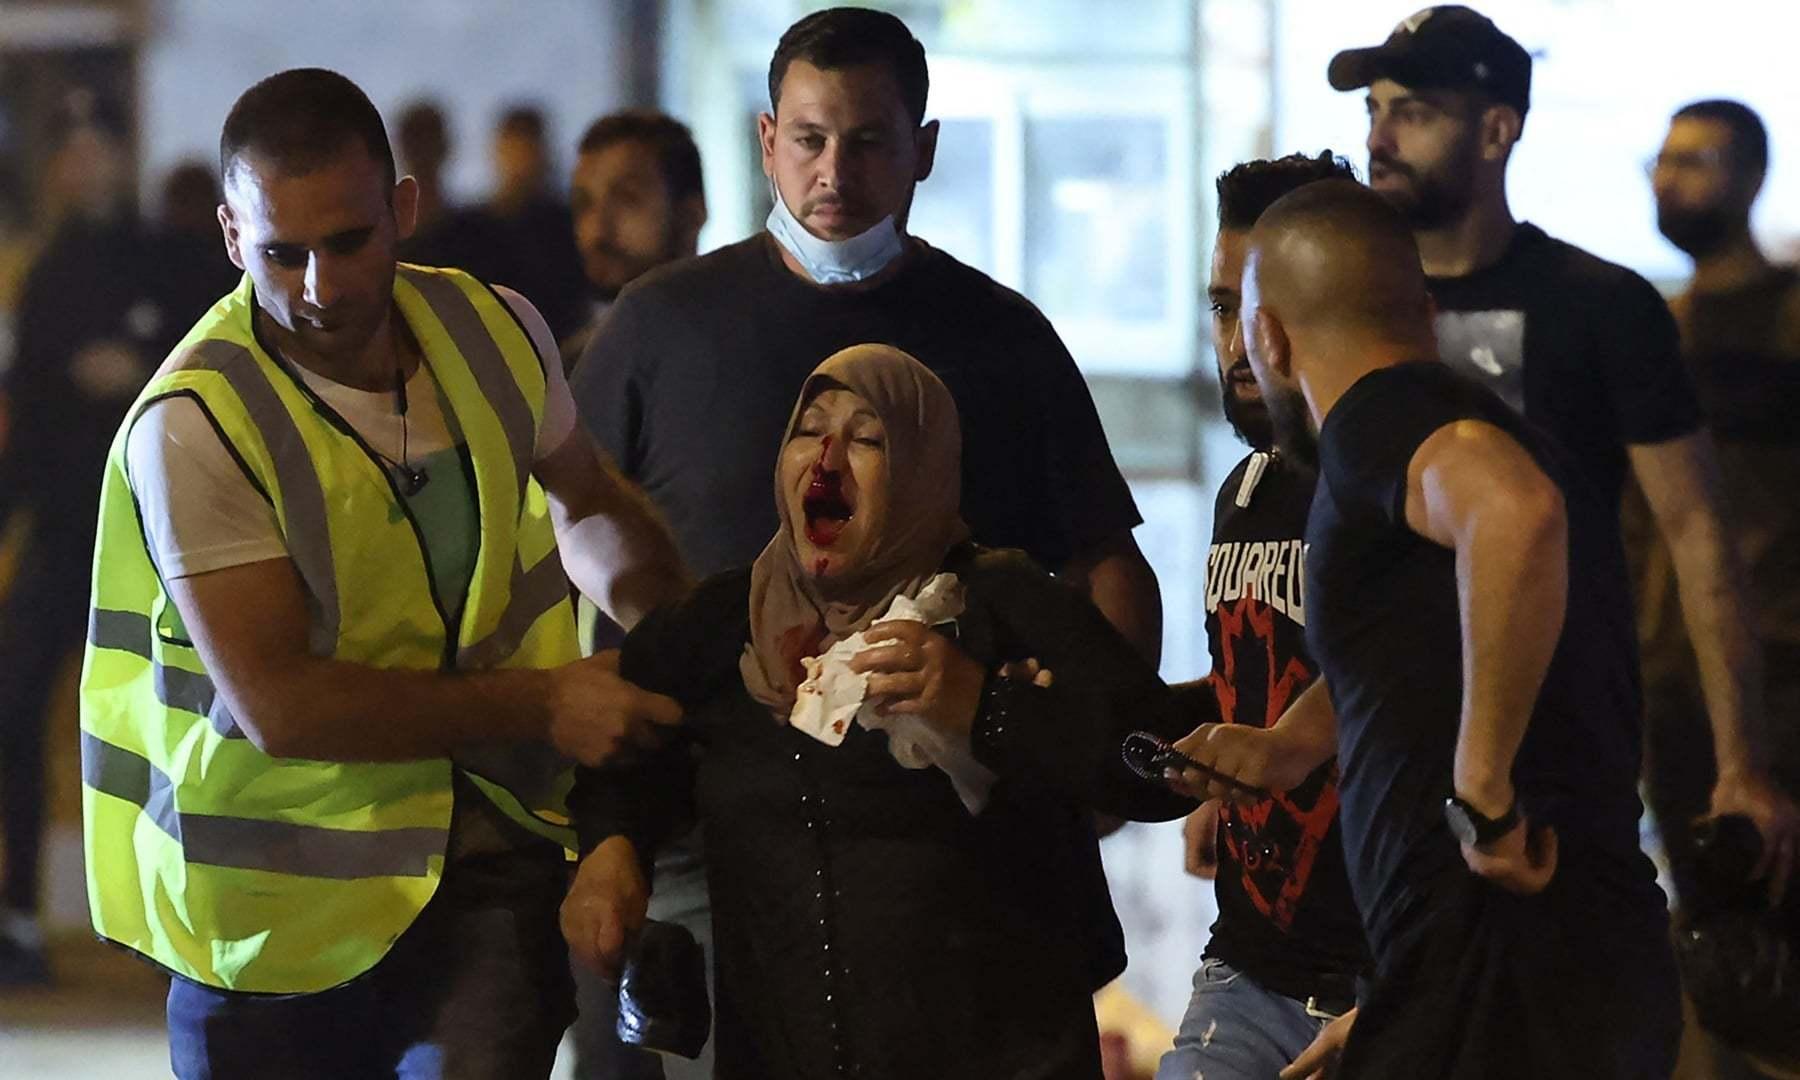 سیکیورٹی فورسز نے واتین کو بھی زخمی کردیا—فوٹو: اے ایف پی